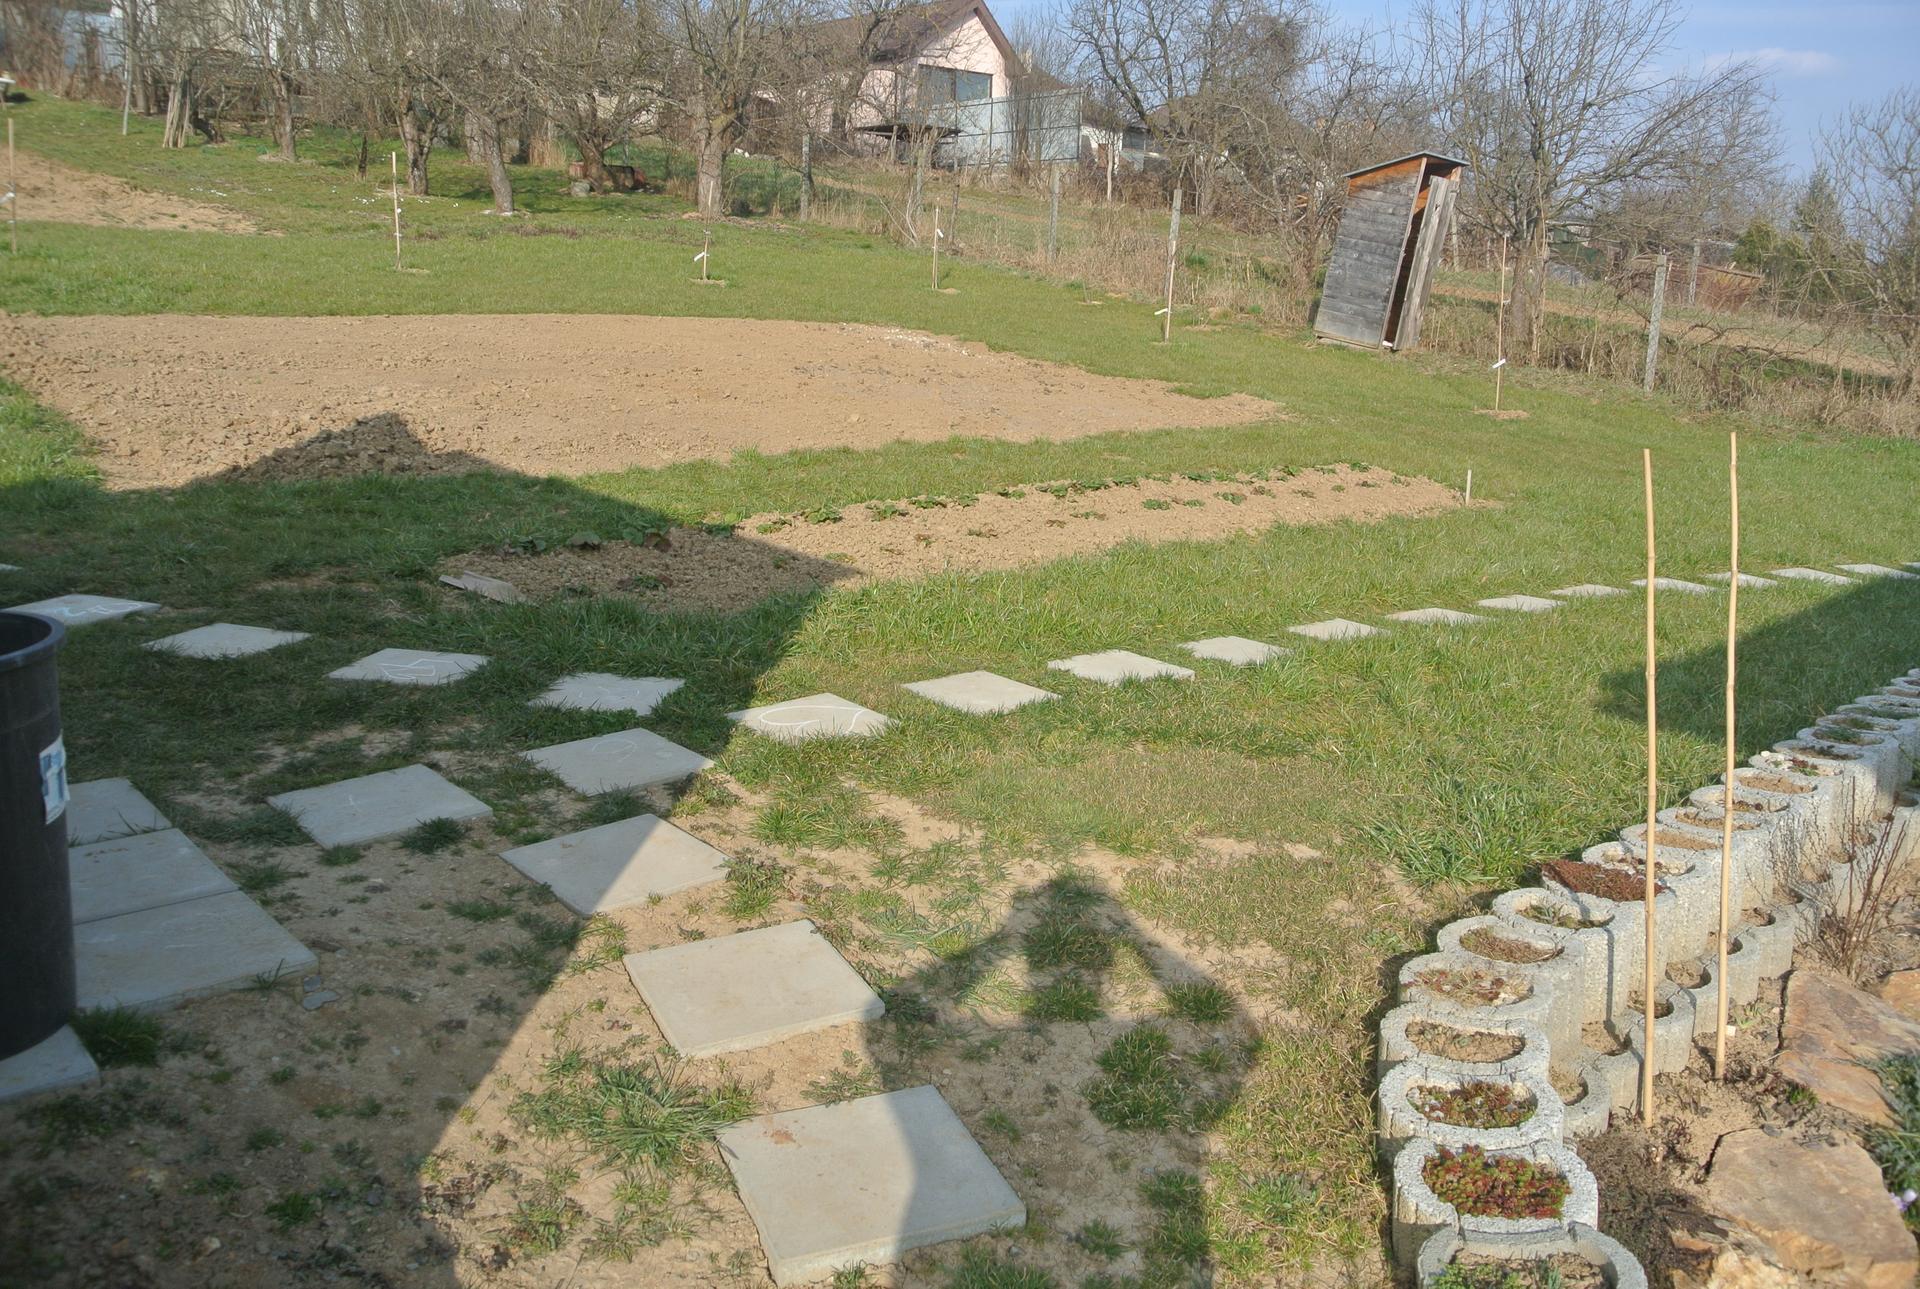 Budujeme okrasnú aj úžitkovú záhradu - Jahody ako-tak poriadené, miesto na sadenie nachystané.